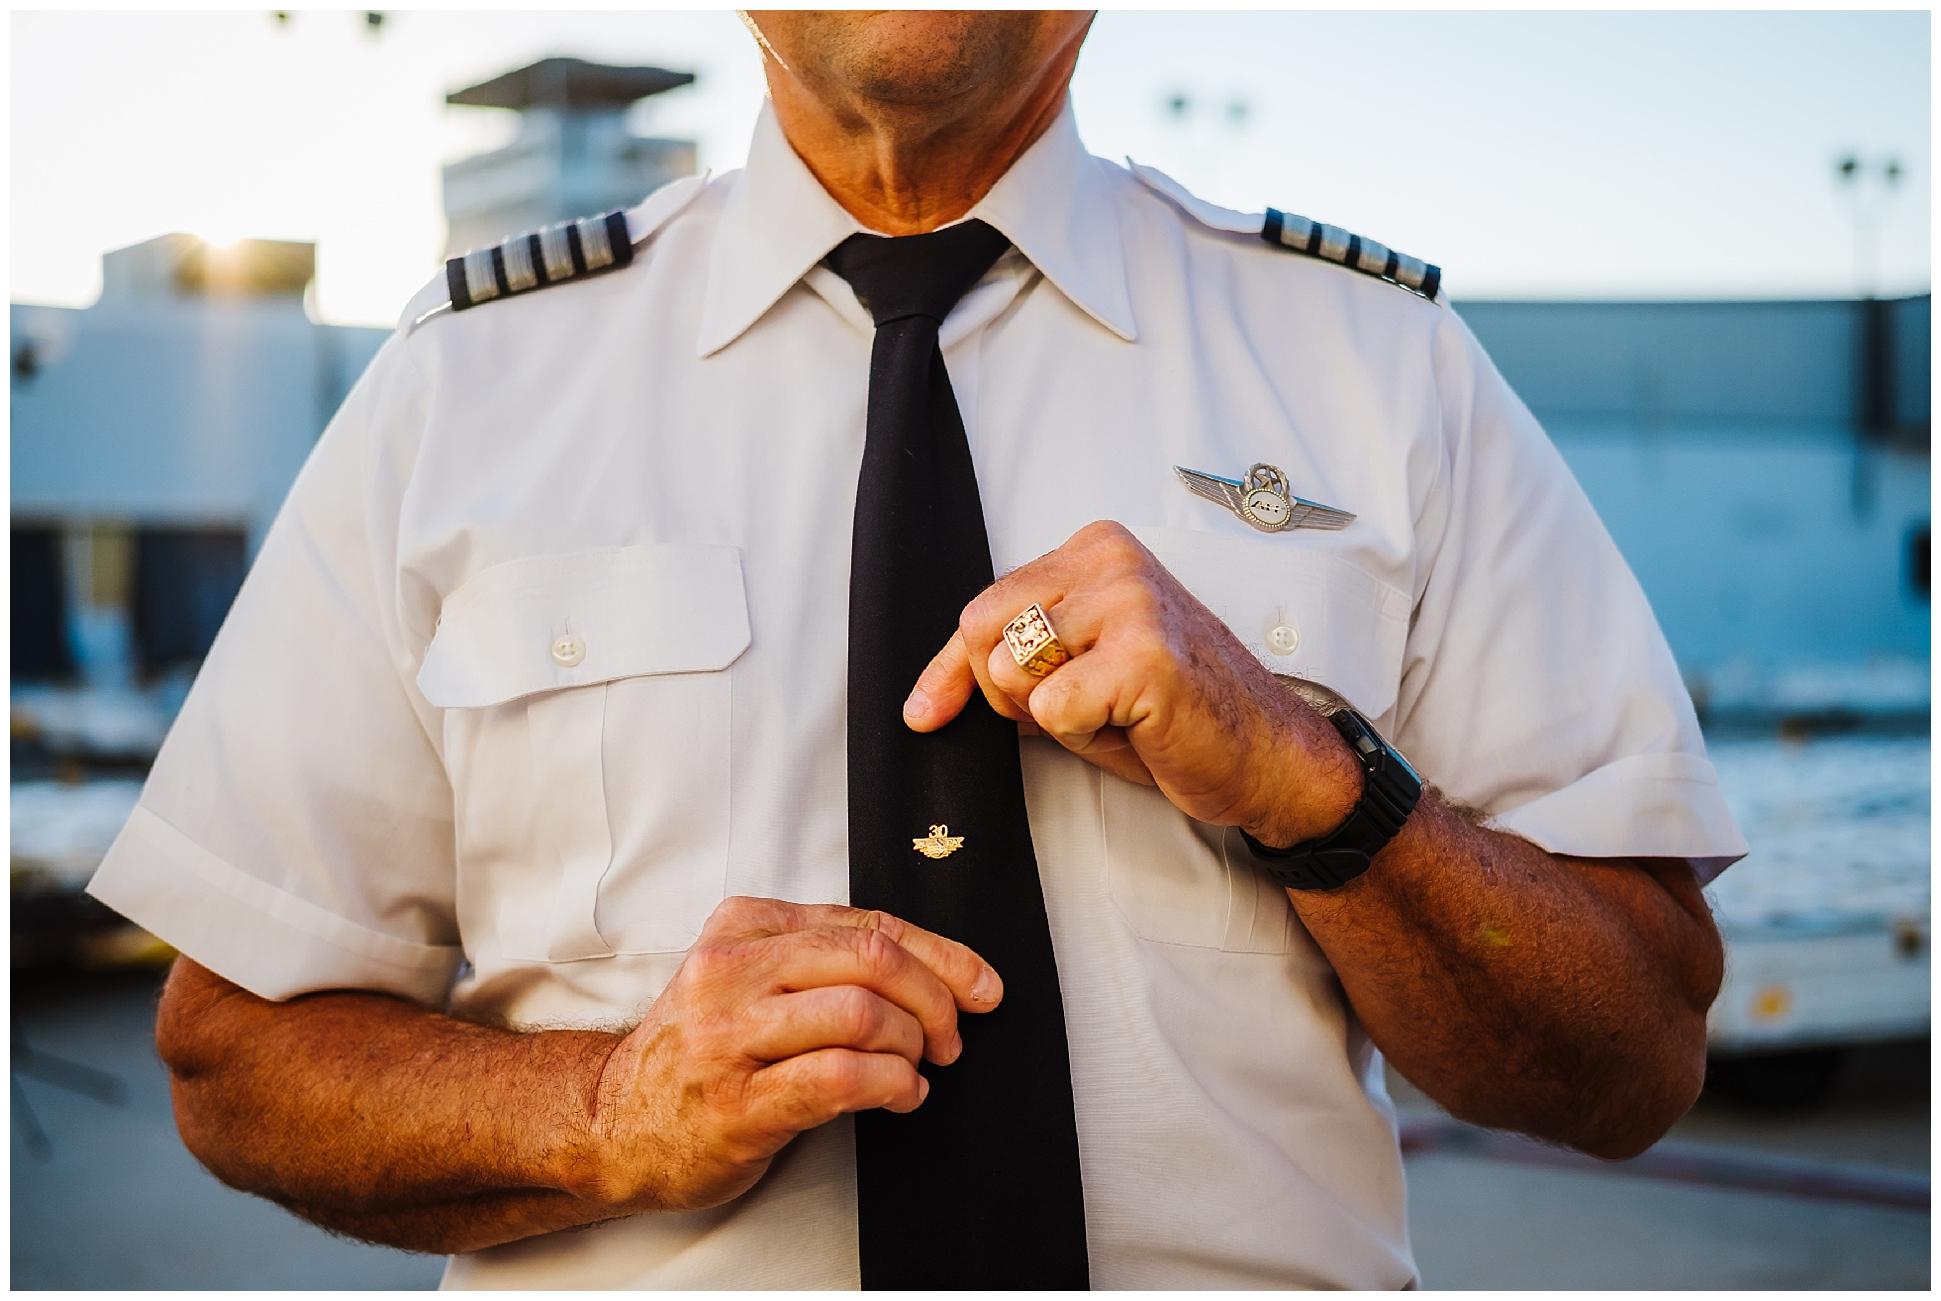 el-capitan-hamon-airline-pilot_7.jpg